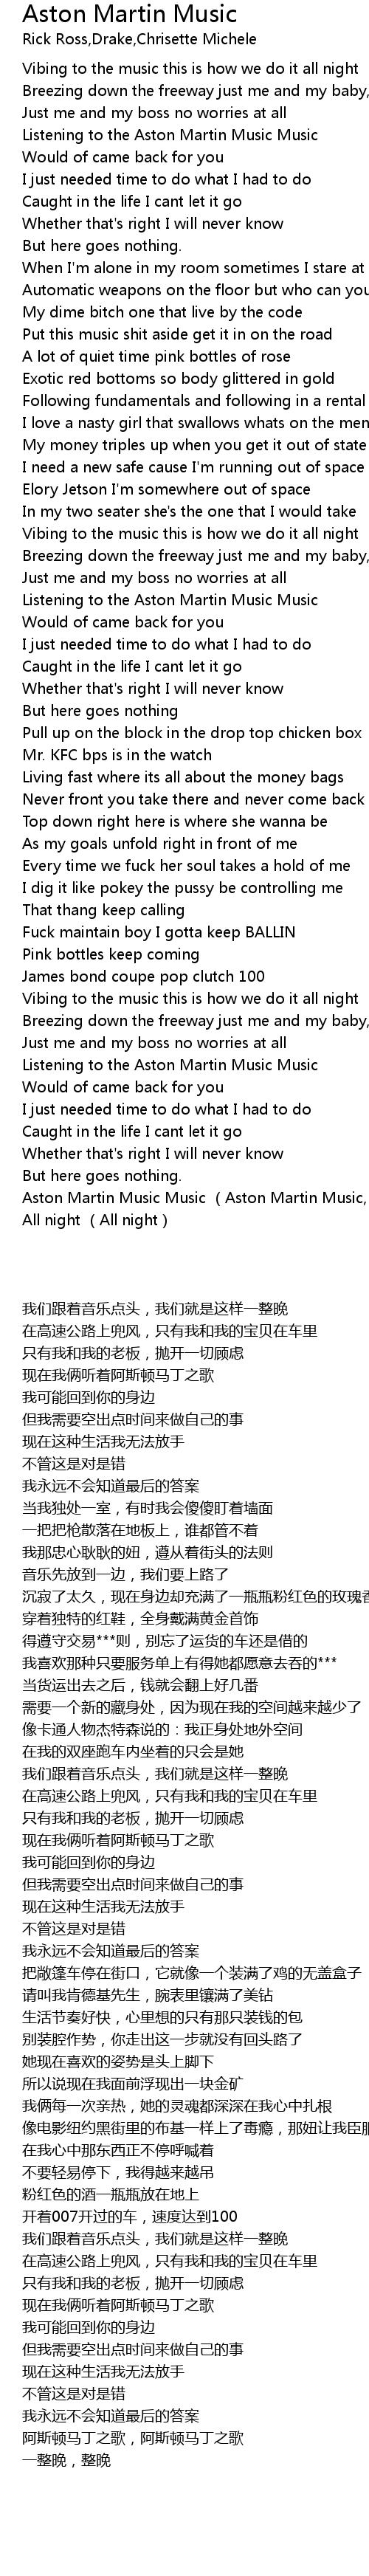 Aston Martin Music Lyrics Follow Lyrics